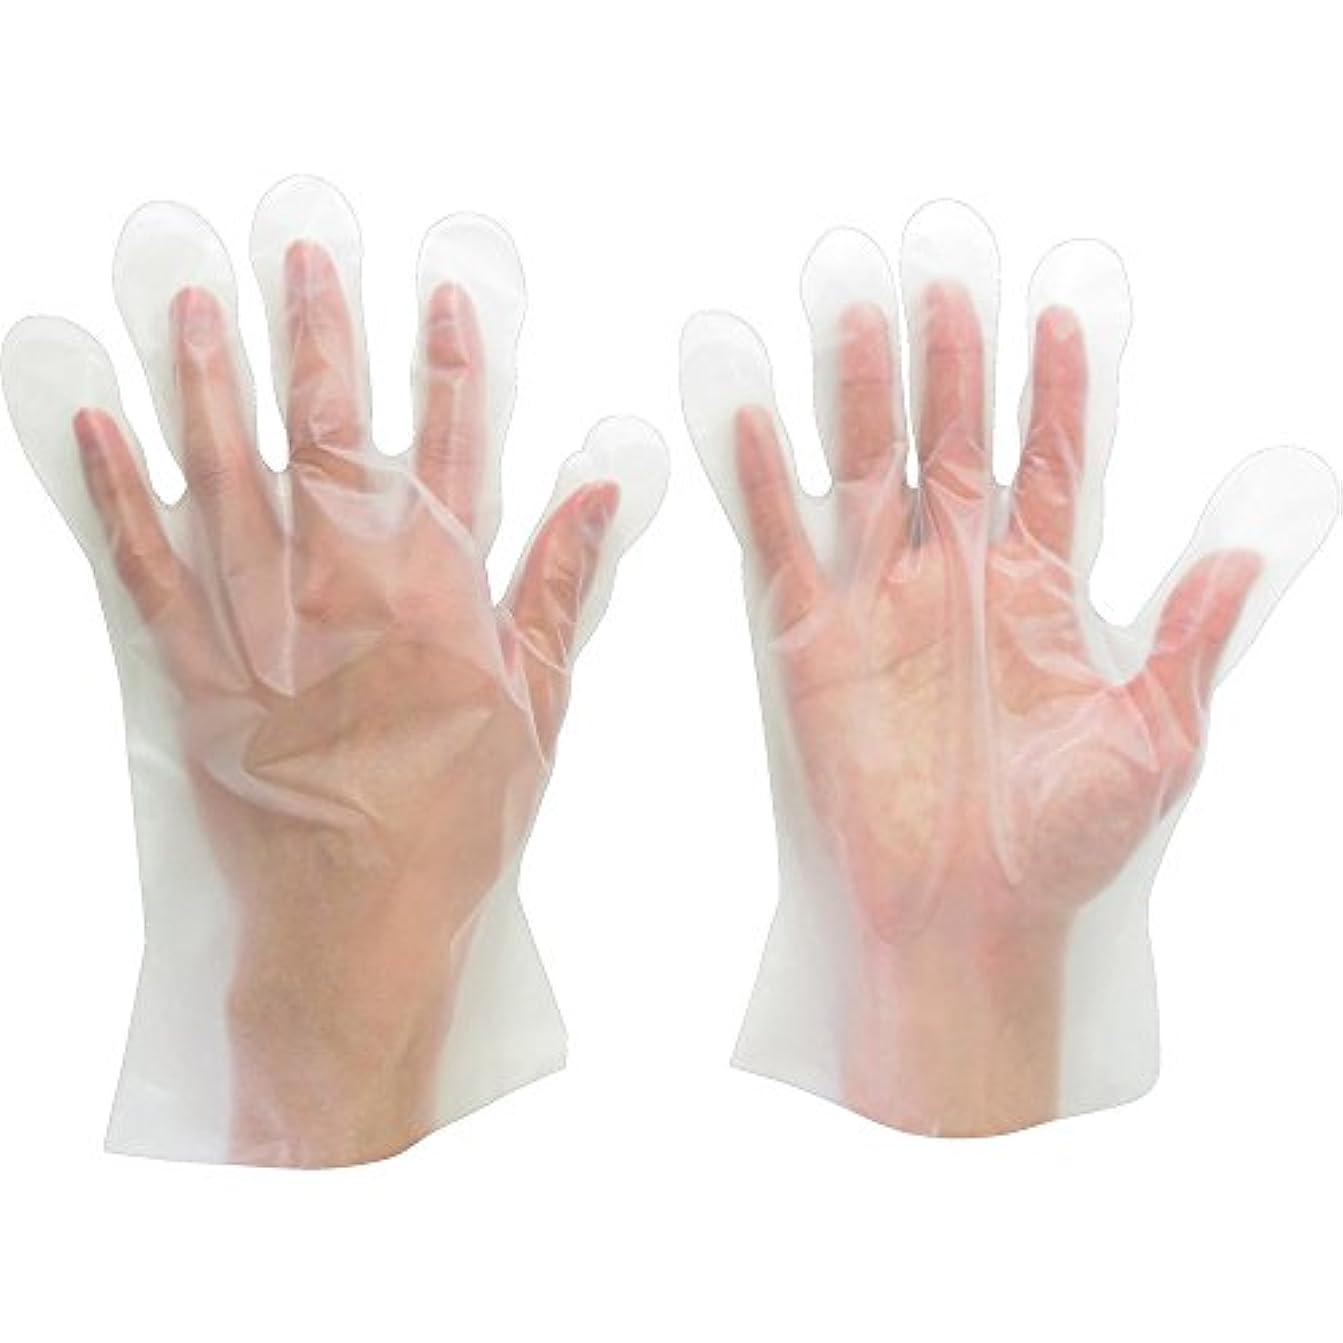 レオナルドダにんじんパースミドリ安全 ポリエチレンディスポ手袋 ベルテ573 100枚 袋入 L VERTE-573-L ポリエチレン使い捨て手袋